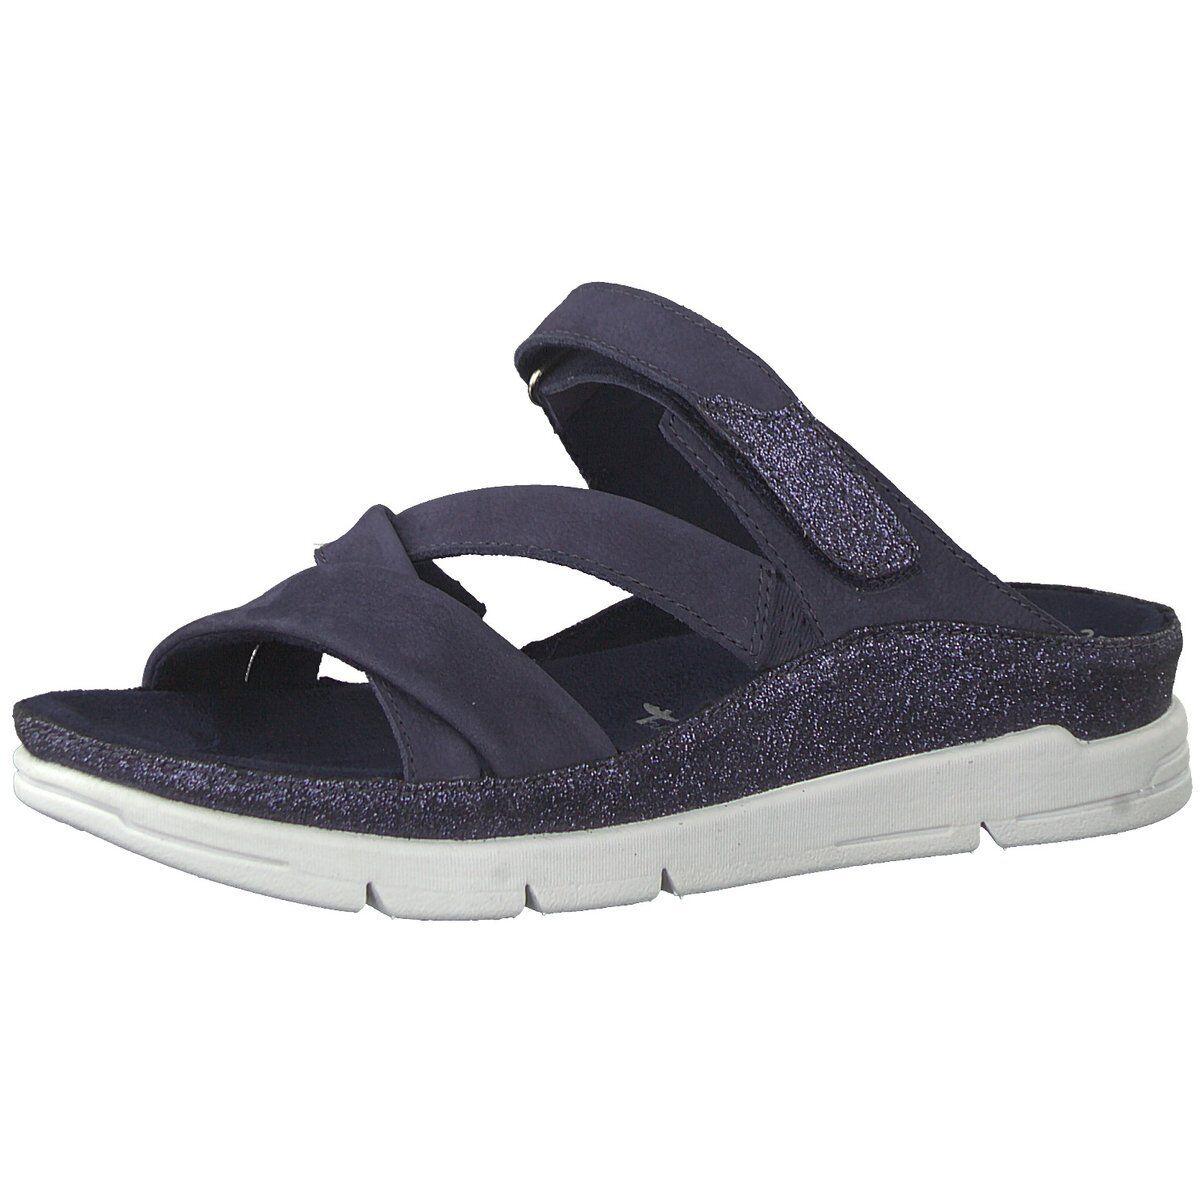 NEU Tamaris Damen Pantoletten Da.Sandale 1-1-27100-20805 blau 402471